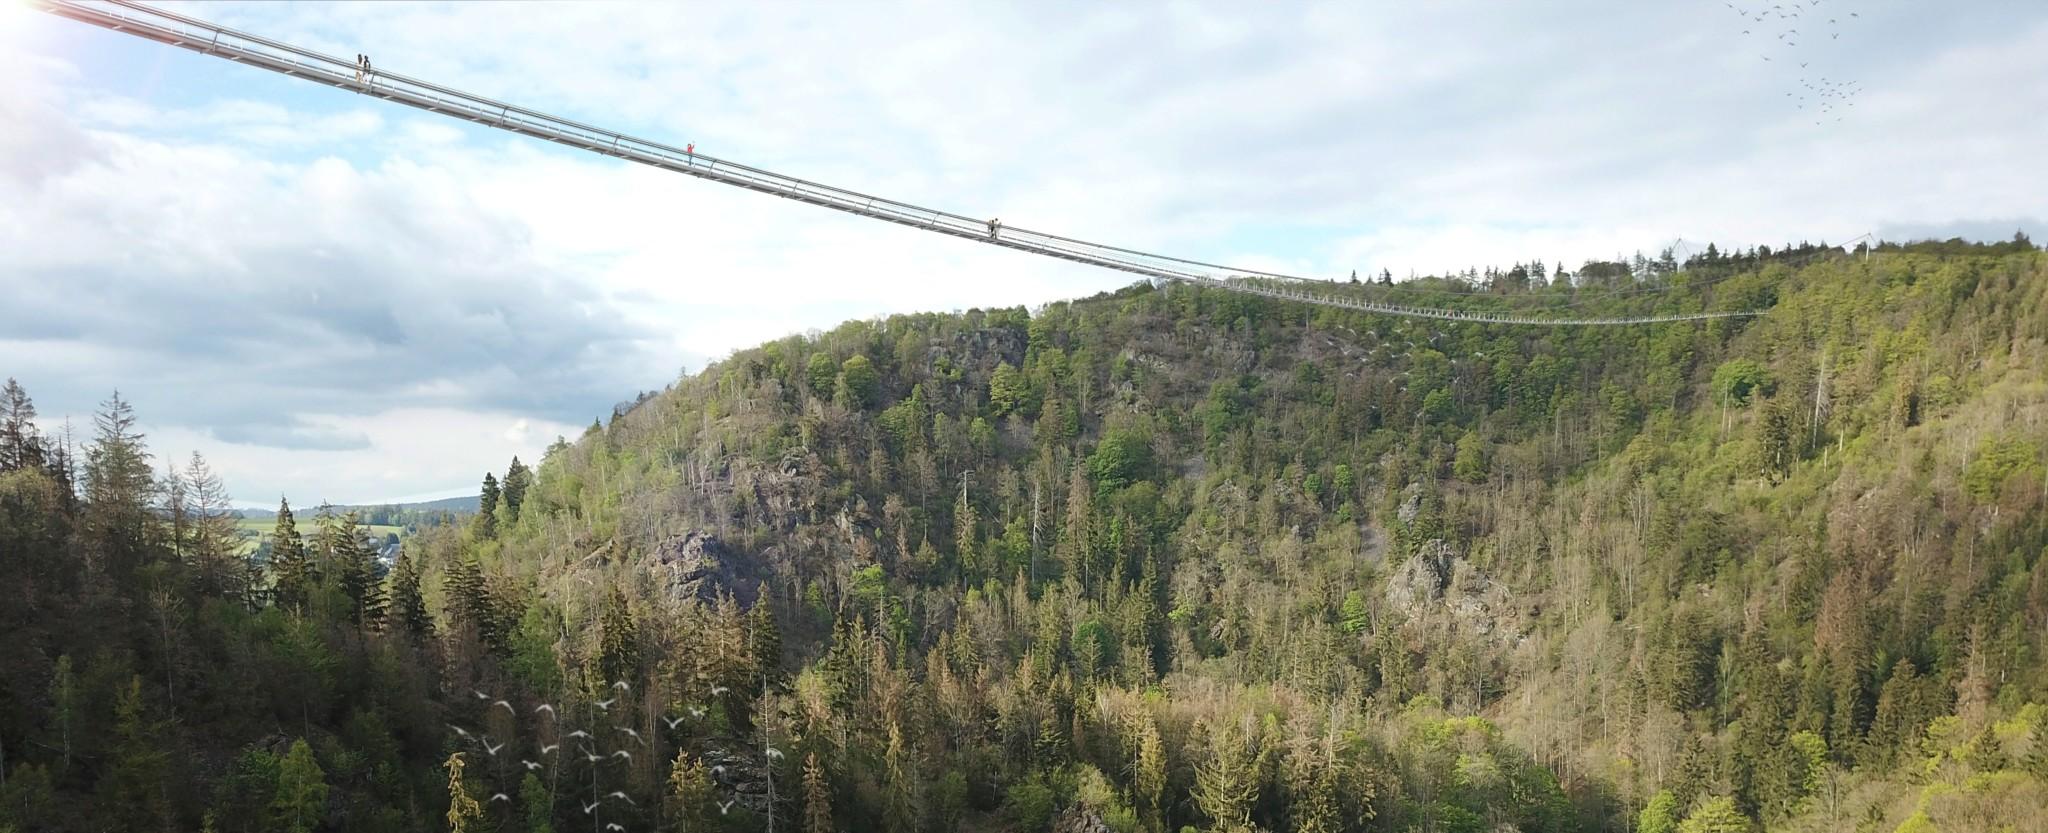 Die 1030 Meter lange Höllentalbrücke ist komplett ohne Unterspannung konstruiert.